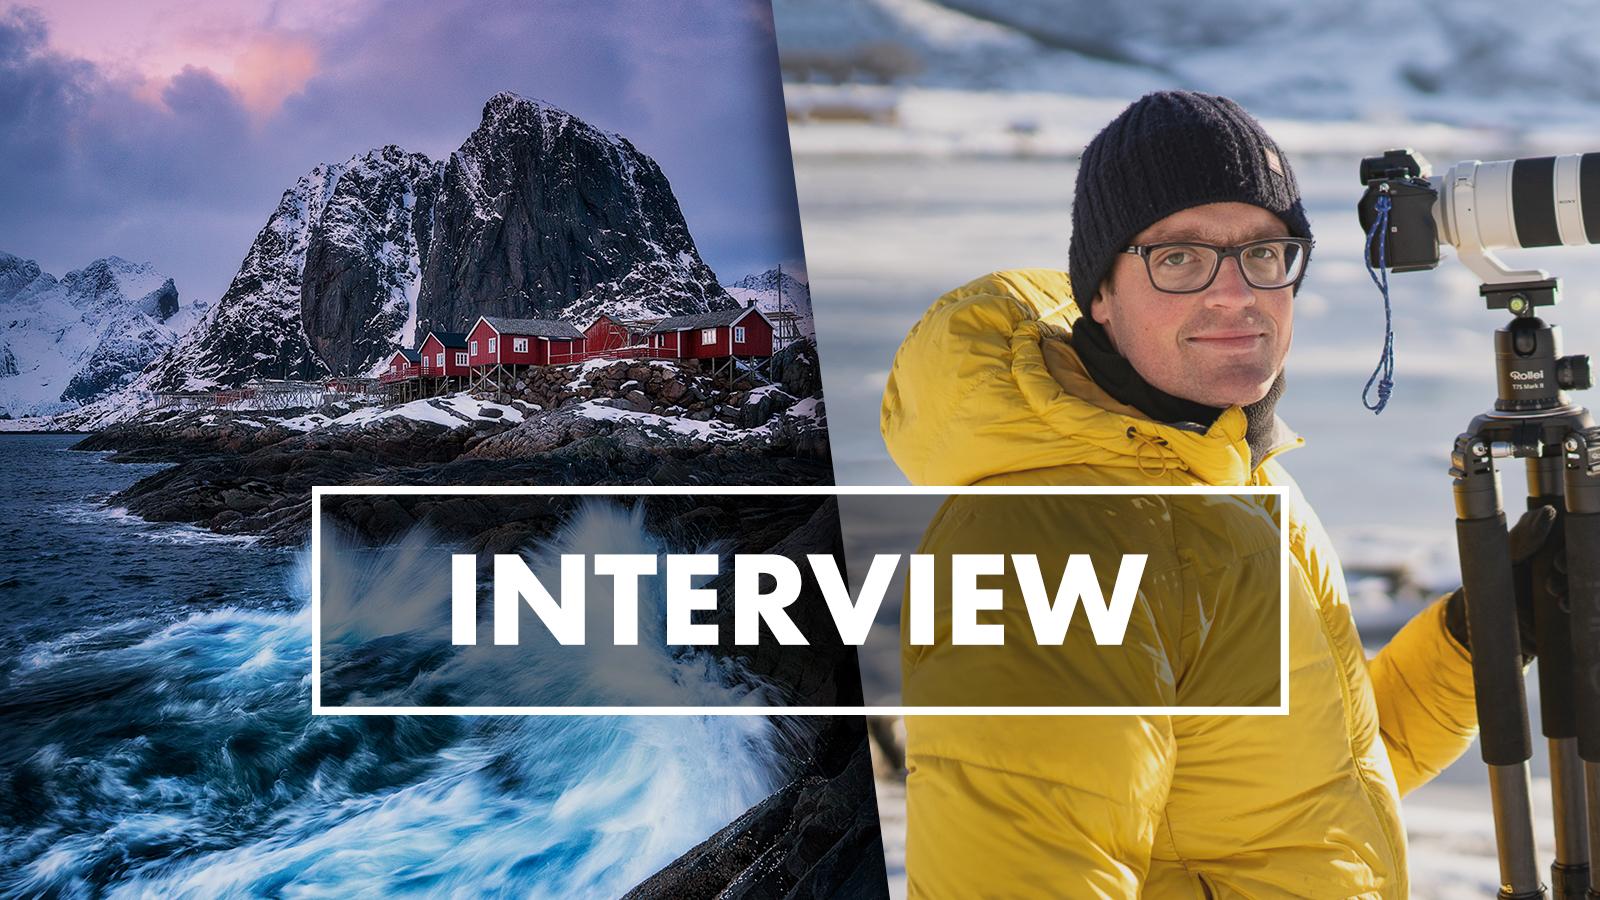 Landschaftsfotograf Lukas Voegelin im Interview